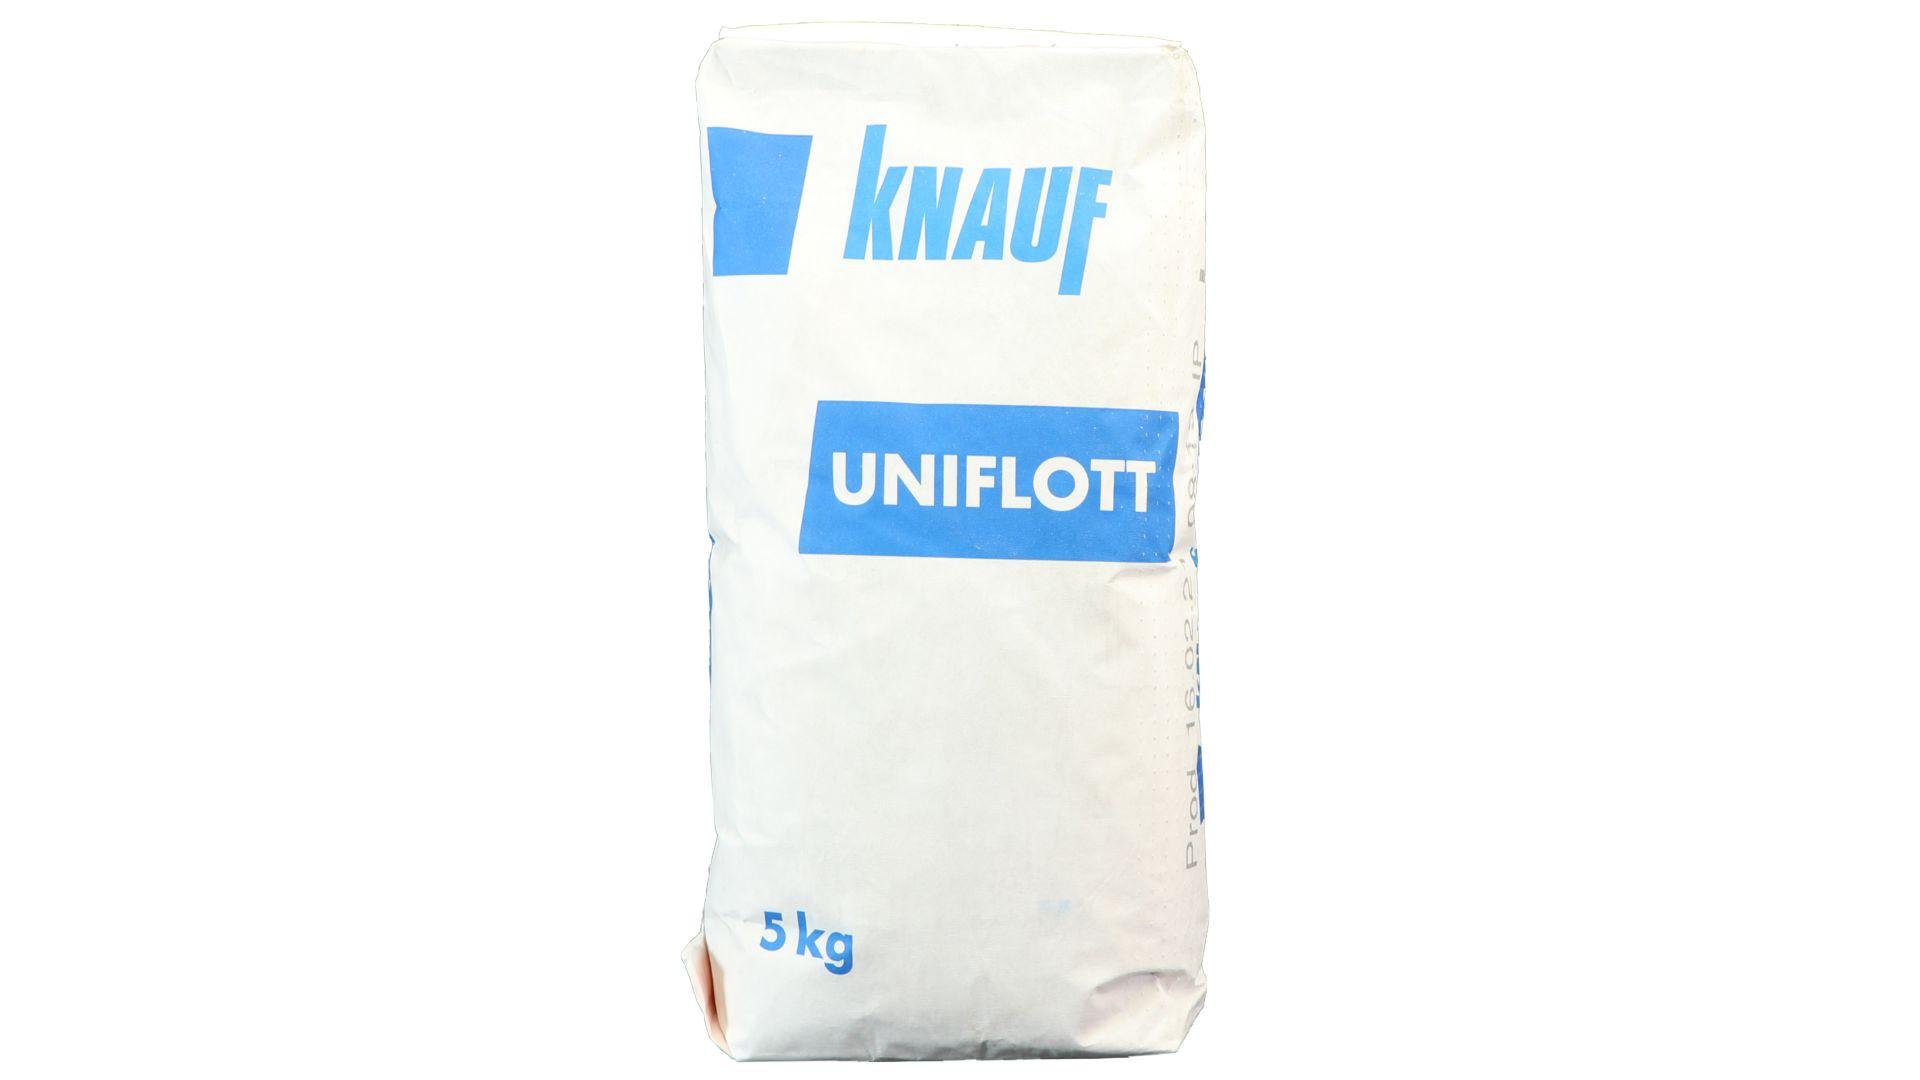 Knauf Uniflott, Spachtelmasse zur Grundverspachtelung von Gipsplattenfugen, Wand und Decke, Wohnraum, 5 kg